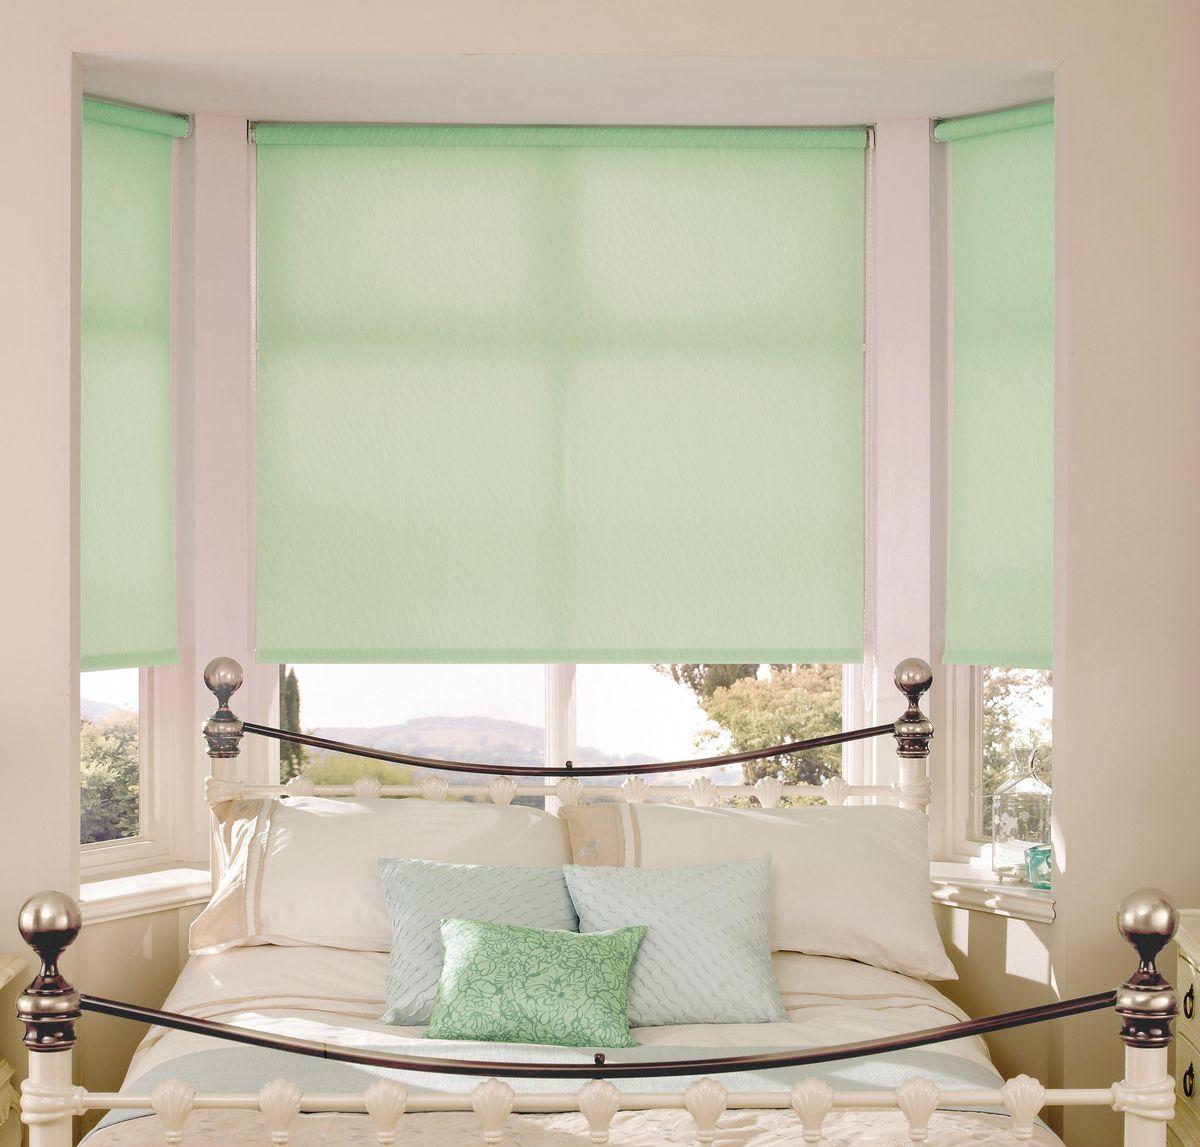 Штора рулонная Эскар Ролло. Однотонные, цвет: светло-зеленый, ширина 80 см, высота 170 см81017080170Рулонными шторами можно оформлять окна как самостоятельно, так ииспользовать в комбинации с портьерами. Это поможет предотвратитьвыгорание дорогой ткани на солнце и соединит функционал рулонных скрасотой навесных. Преимущества применения рулонных штор для пластиковых окон: - имеют прекрасный внешний вид: многообразие и фактурность материалаизделия отлично смотрятся в любом интерьере;- многофункциональны: есть возможность подобрать шторы способныеэффективно защитить комнату от солнца, при этом о на не будет слишкомтемной.- Есть возможность осуществить быстрый монтаж. ВНИМАНИЕ! Размеры ширины изделия указаны по ширине ткани! Во время эксплуатации не рекомендуется полностью разматывать рулон, чтобыне оторвать ткань от намоточного вала. В случае загрязнения поверхности ткани, чистку шторы проводят одним изспособов, в зависимости от типа загрязнения:легкое поверхностное загрязнение можно удалить при помощи канцелярскоголастика;чистка от пыли производится сухим методом при помощи пылесоса с мягкойщеткой-насадкой;для удаления пятна используйте мягкую губку с пенообразующим неагрессивныммоющим средством или пятновыводитель на натуральной основе (нельзяприменять растворители).